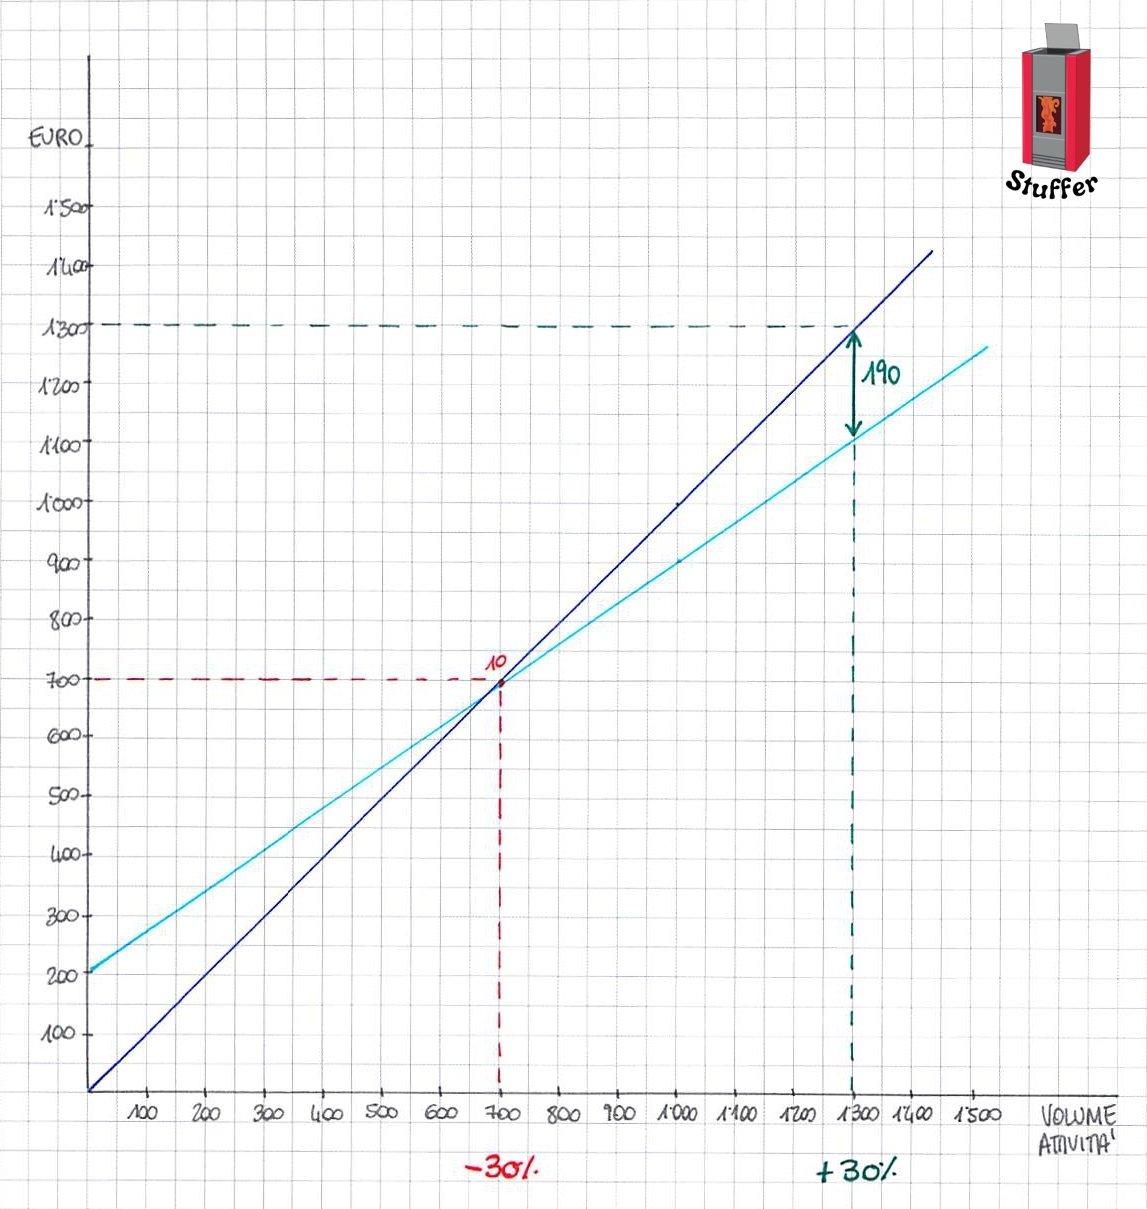 Grafico che rappresenta l'aumento e la diminuzione dei ricavi di Stuffer